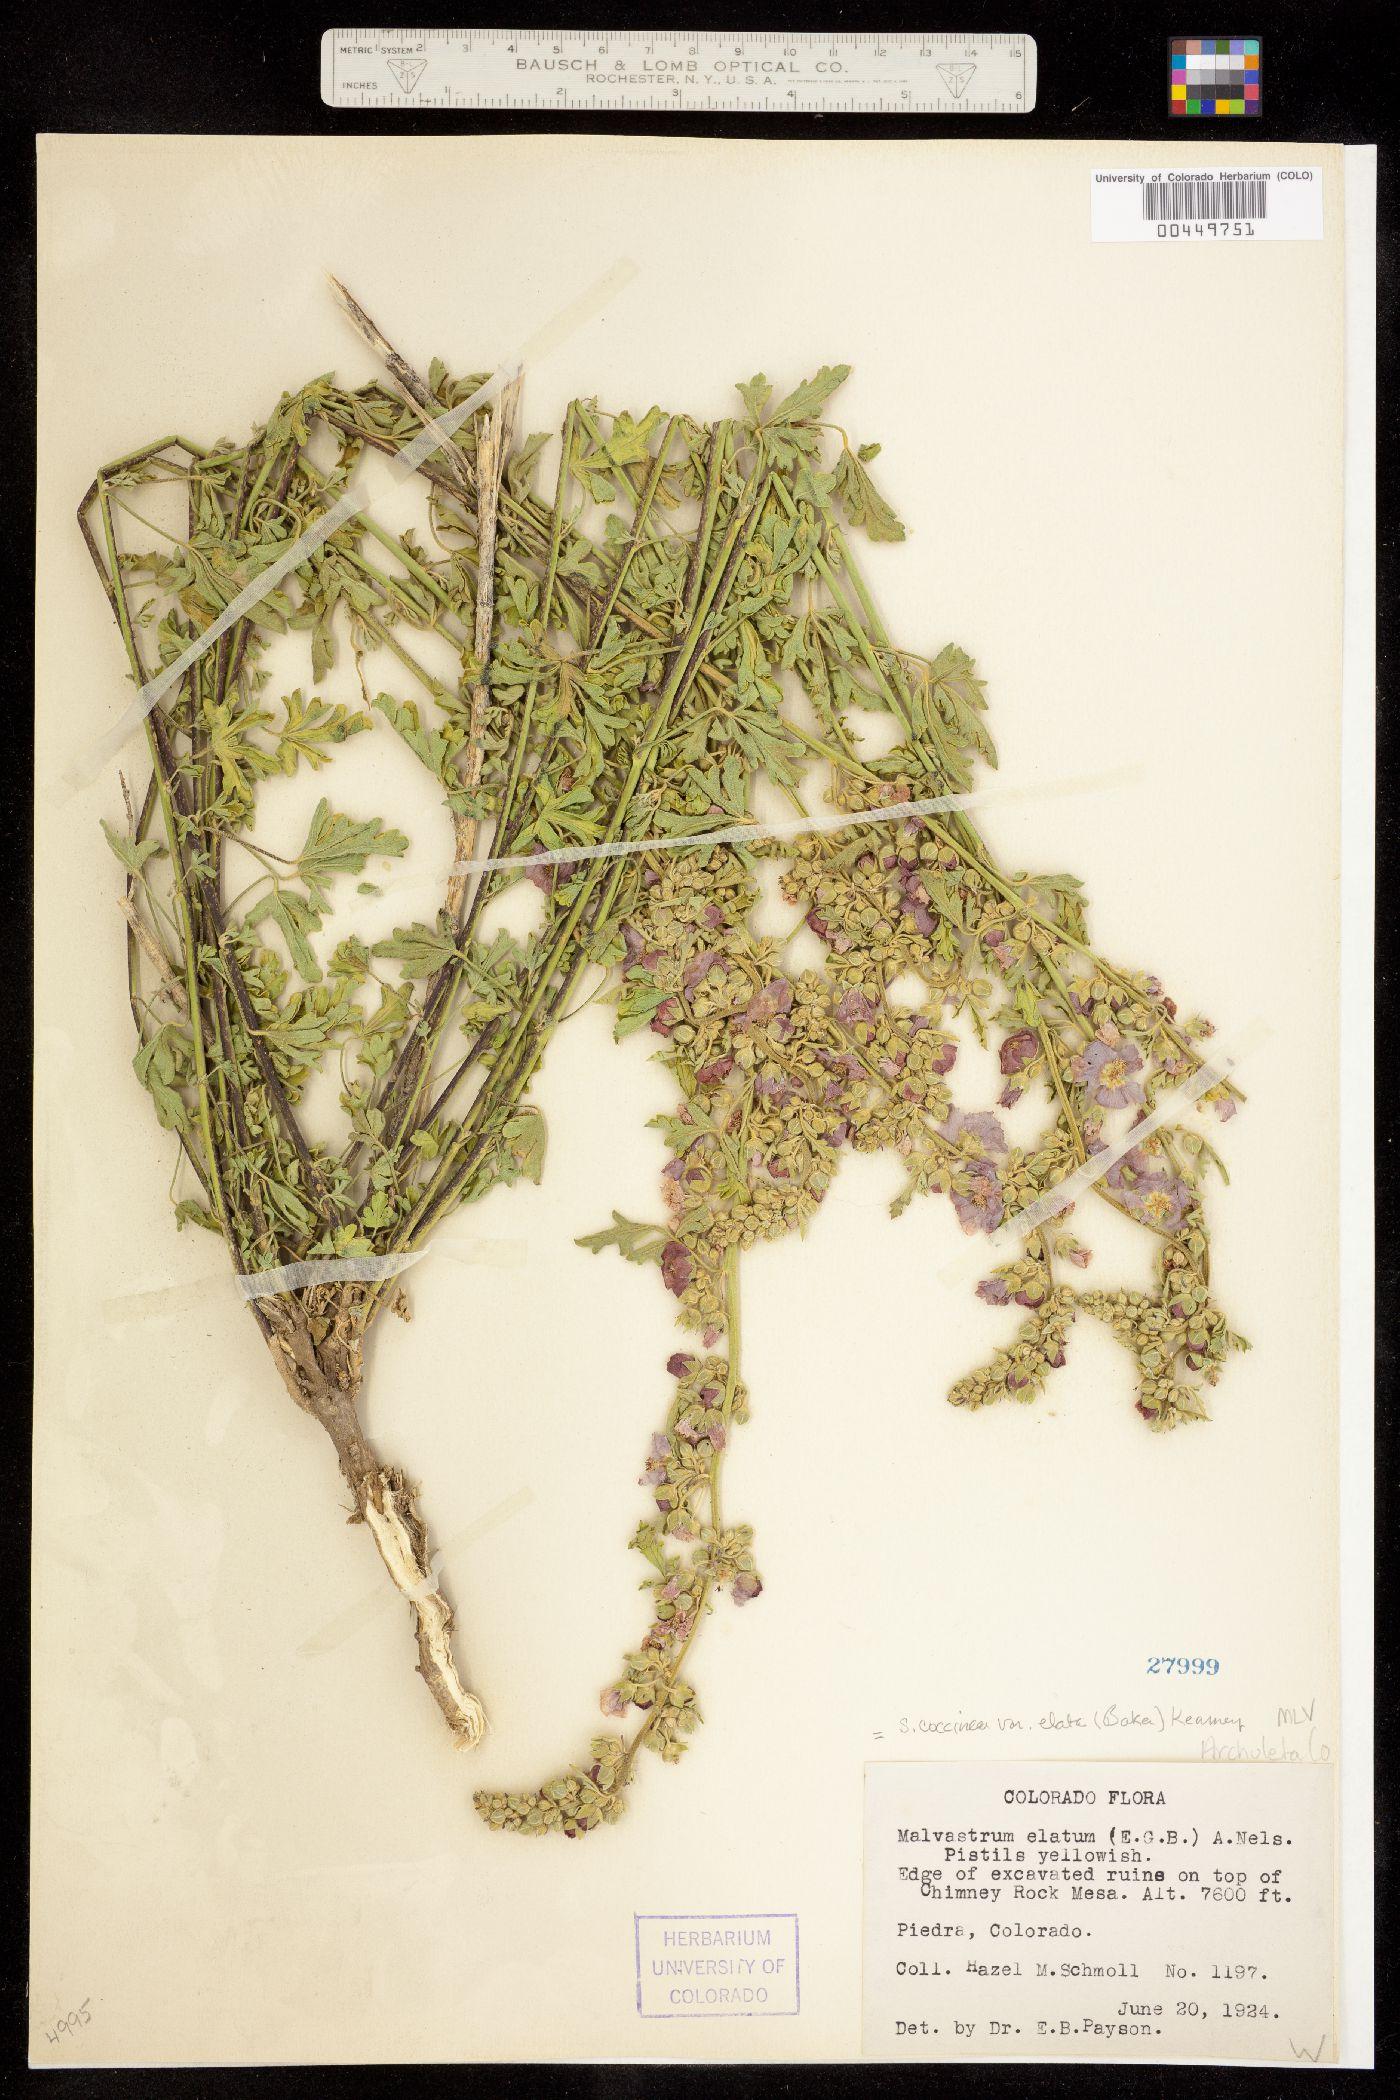 Sphaeralcea coccinea ssp. elata image